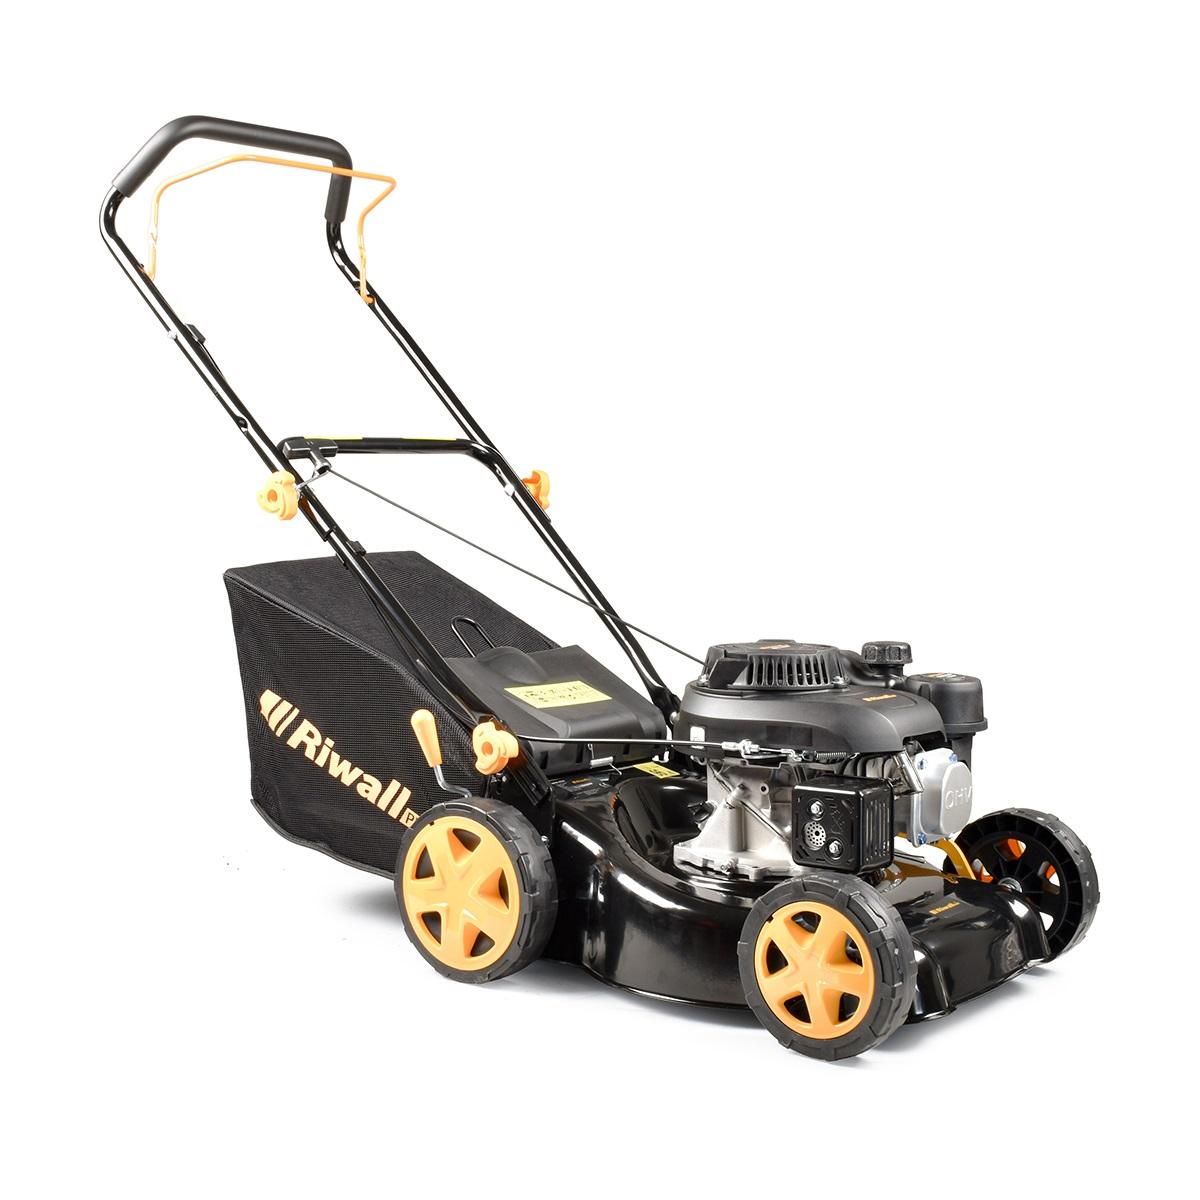 Riwall PRO RPM 4234 P, multifunkčna trávna kosačka 2 v 1 s benzínovým motorom bez pojazdu